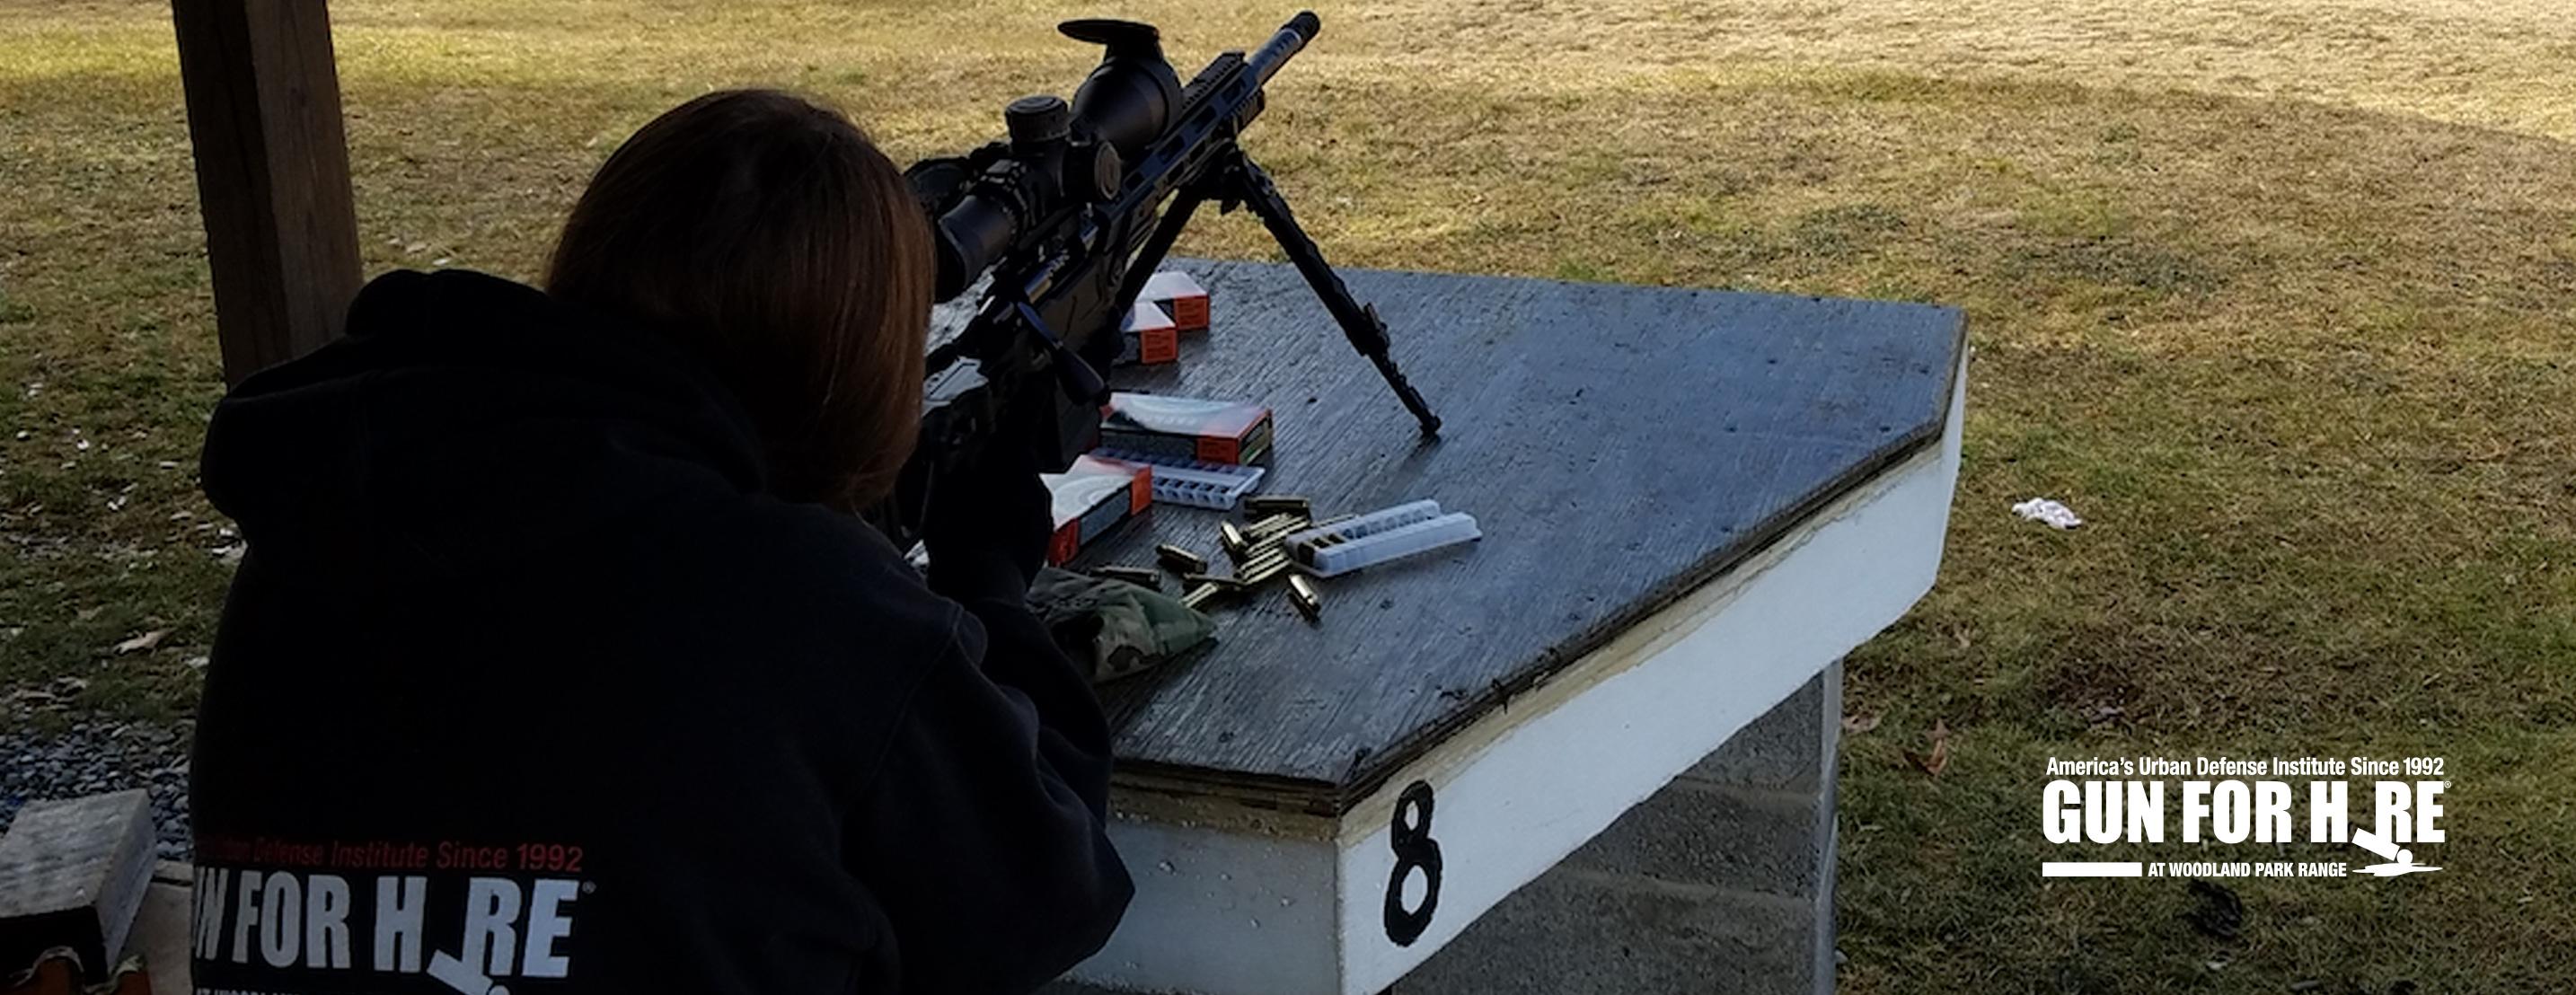 Sniper 4 - Urban Precision Rifle 1